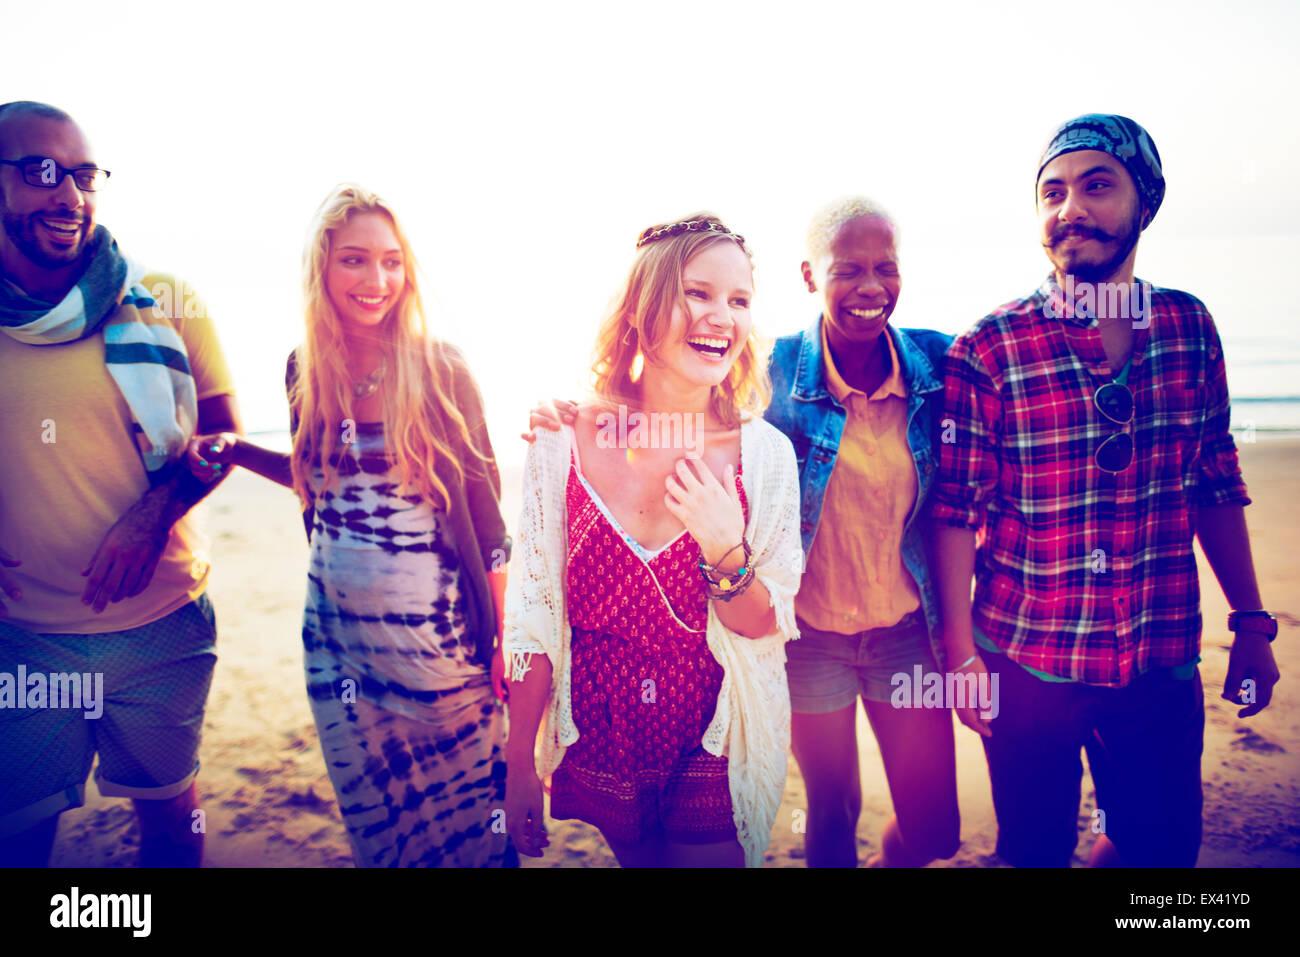 Il legame di amicizia Relax Estate spiaggia felicità Concept Foto Stock